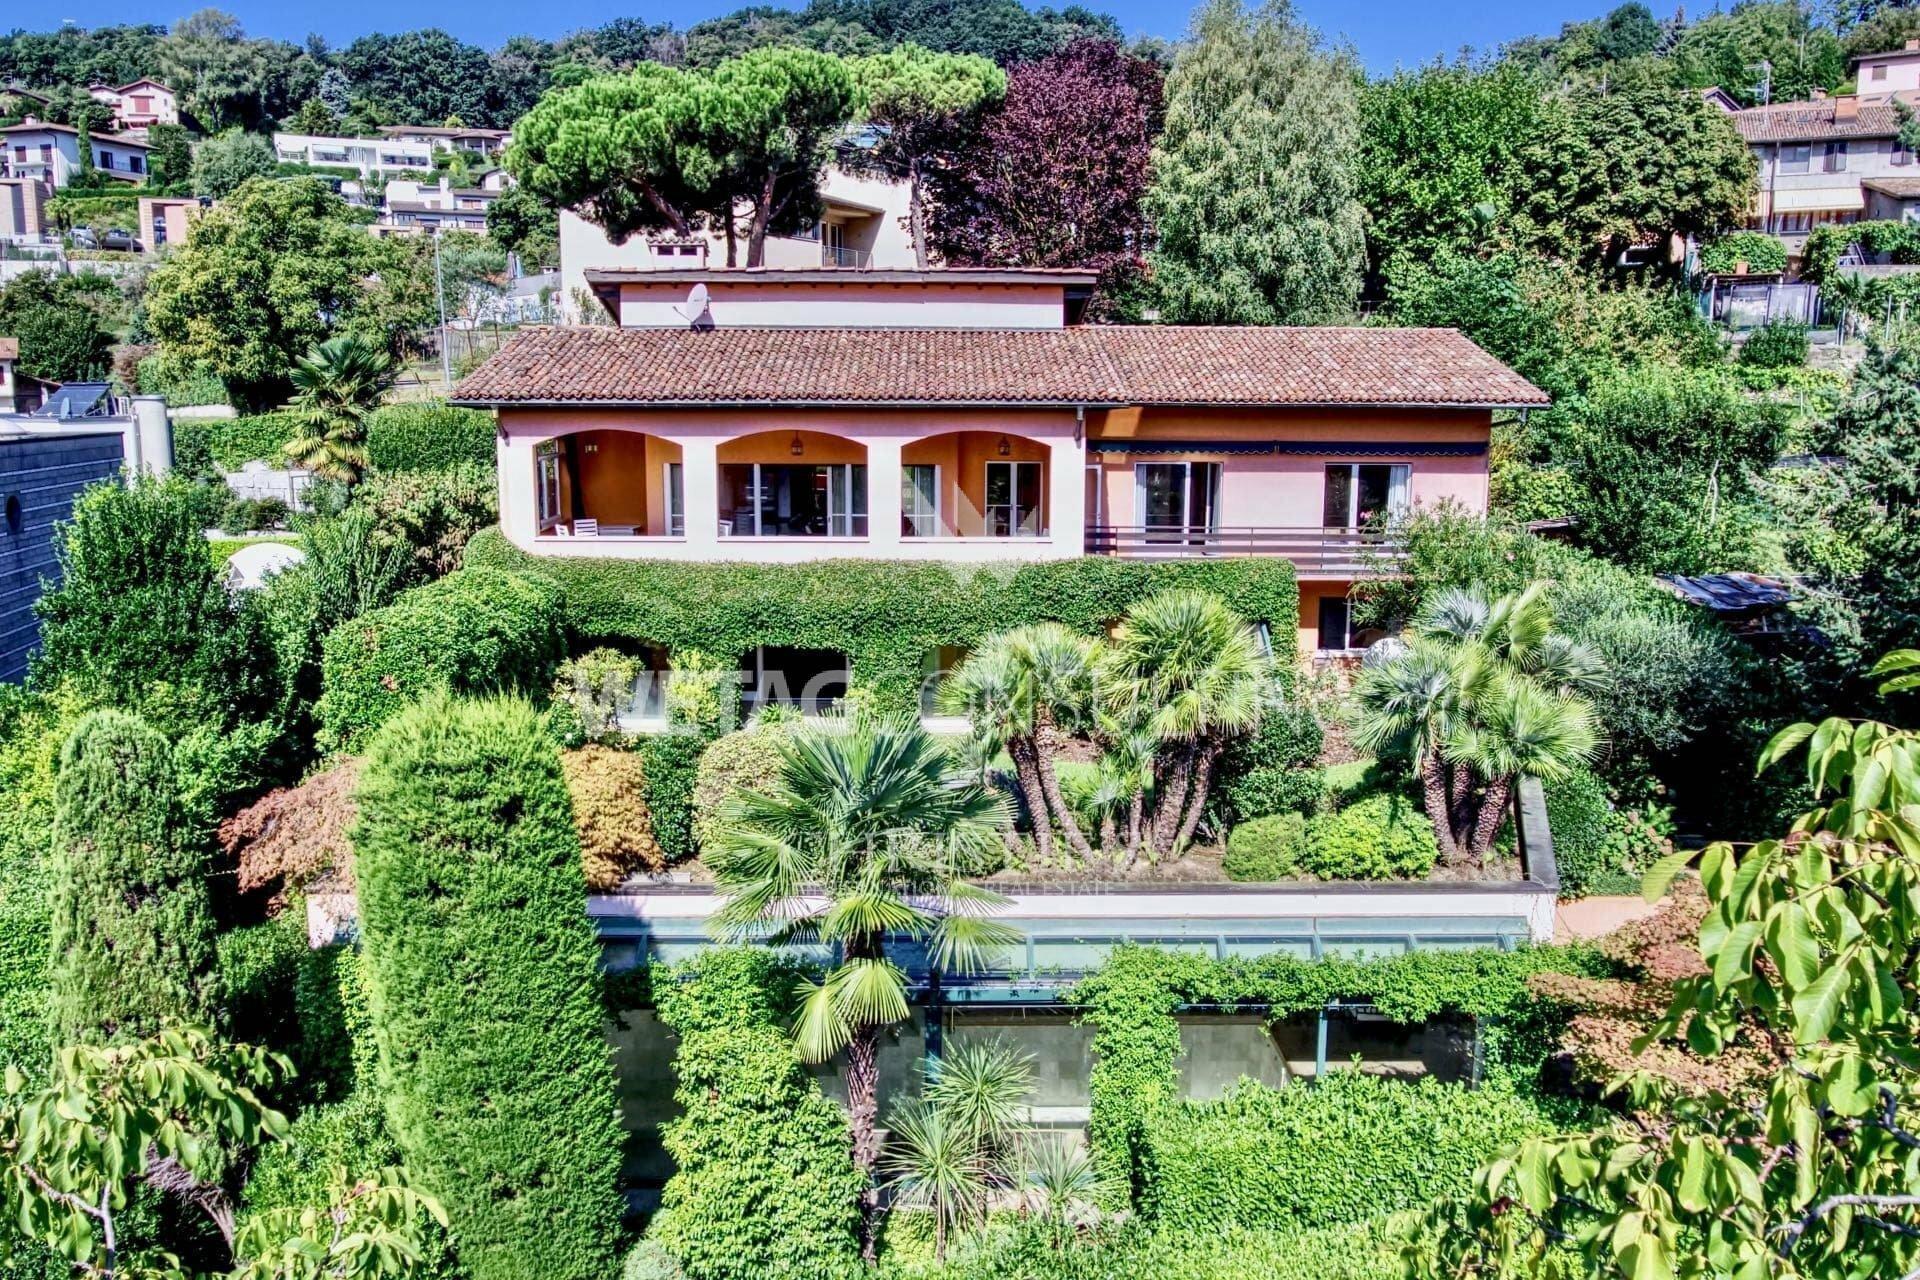 Villa in Lugano, Ticino, Switzerland 1 - 11577818